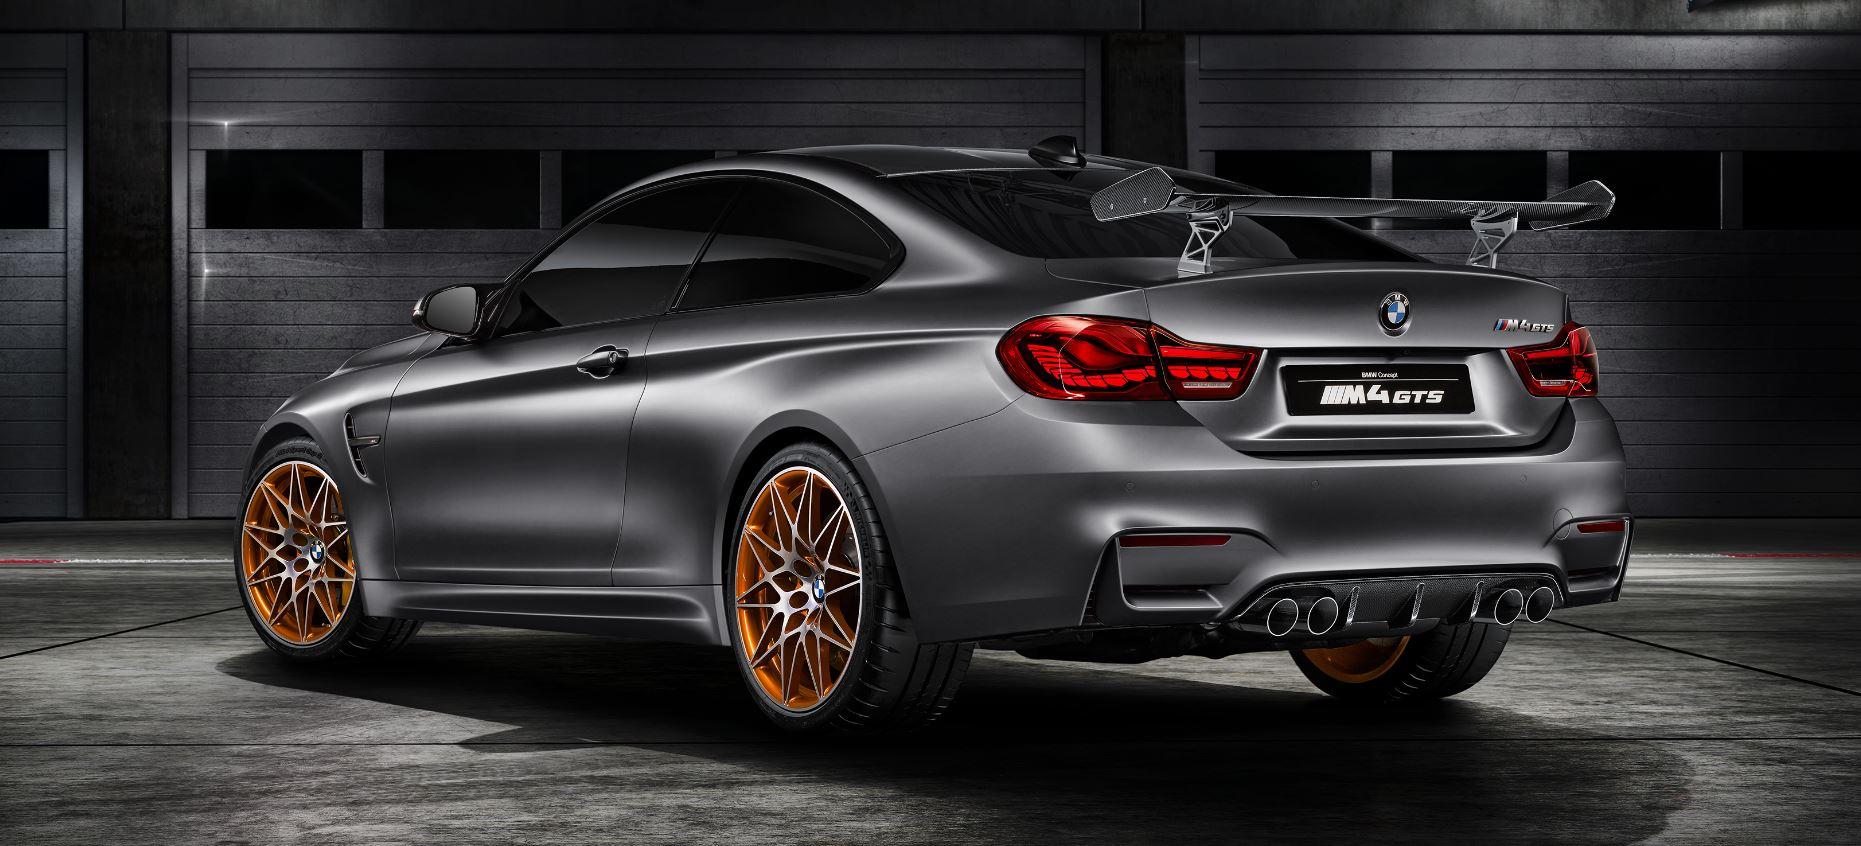 BMW Concept M4 GTS: Inyección de agua, llantas híbridas de PRFC, tecnología OLED y mucho más